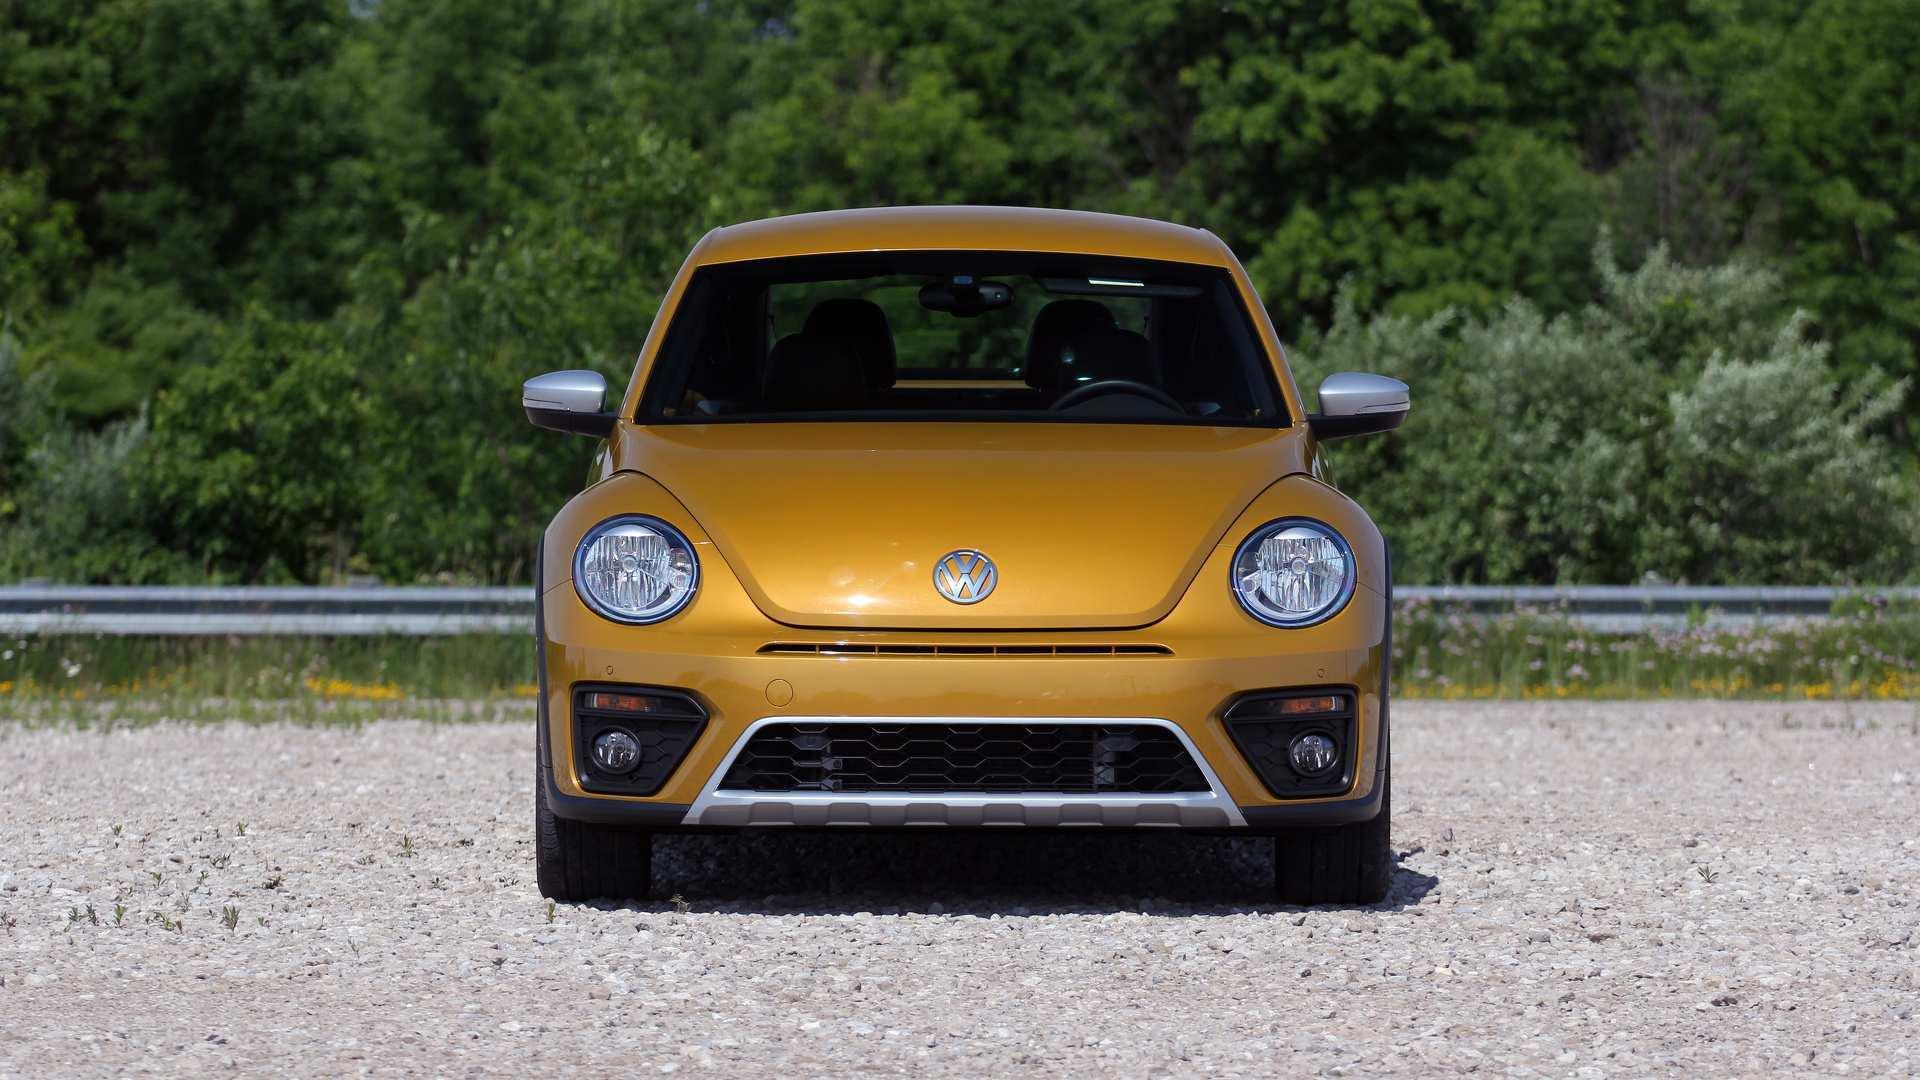 89 Concept of 2020 Volkswagen Beetle Dune Exterior for 2020 Volkswagen Beetle Dune